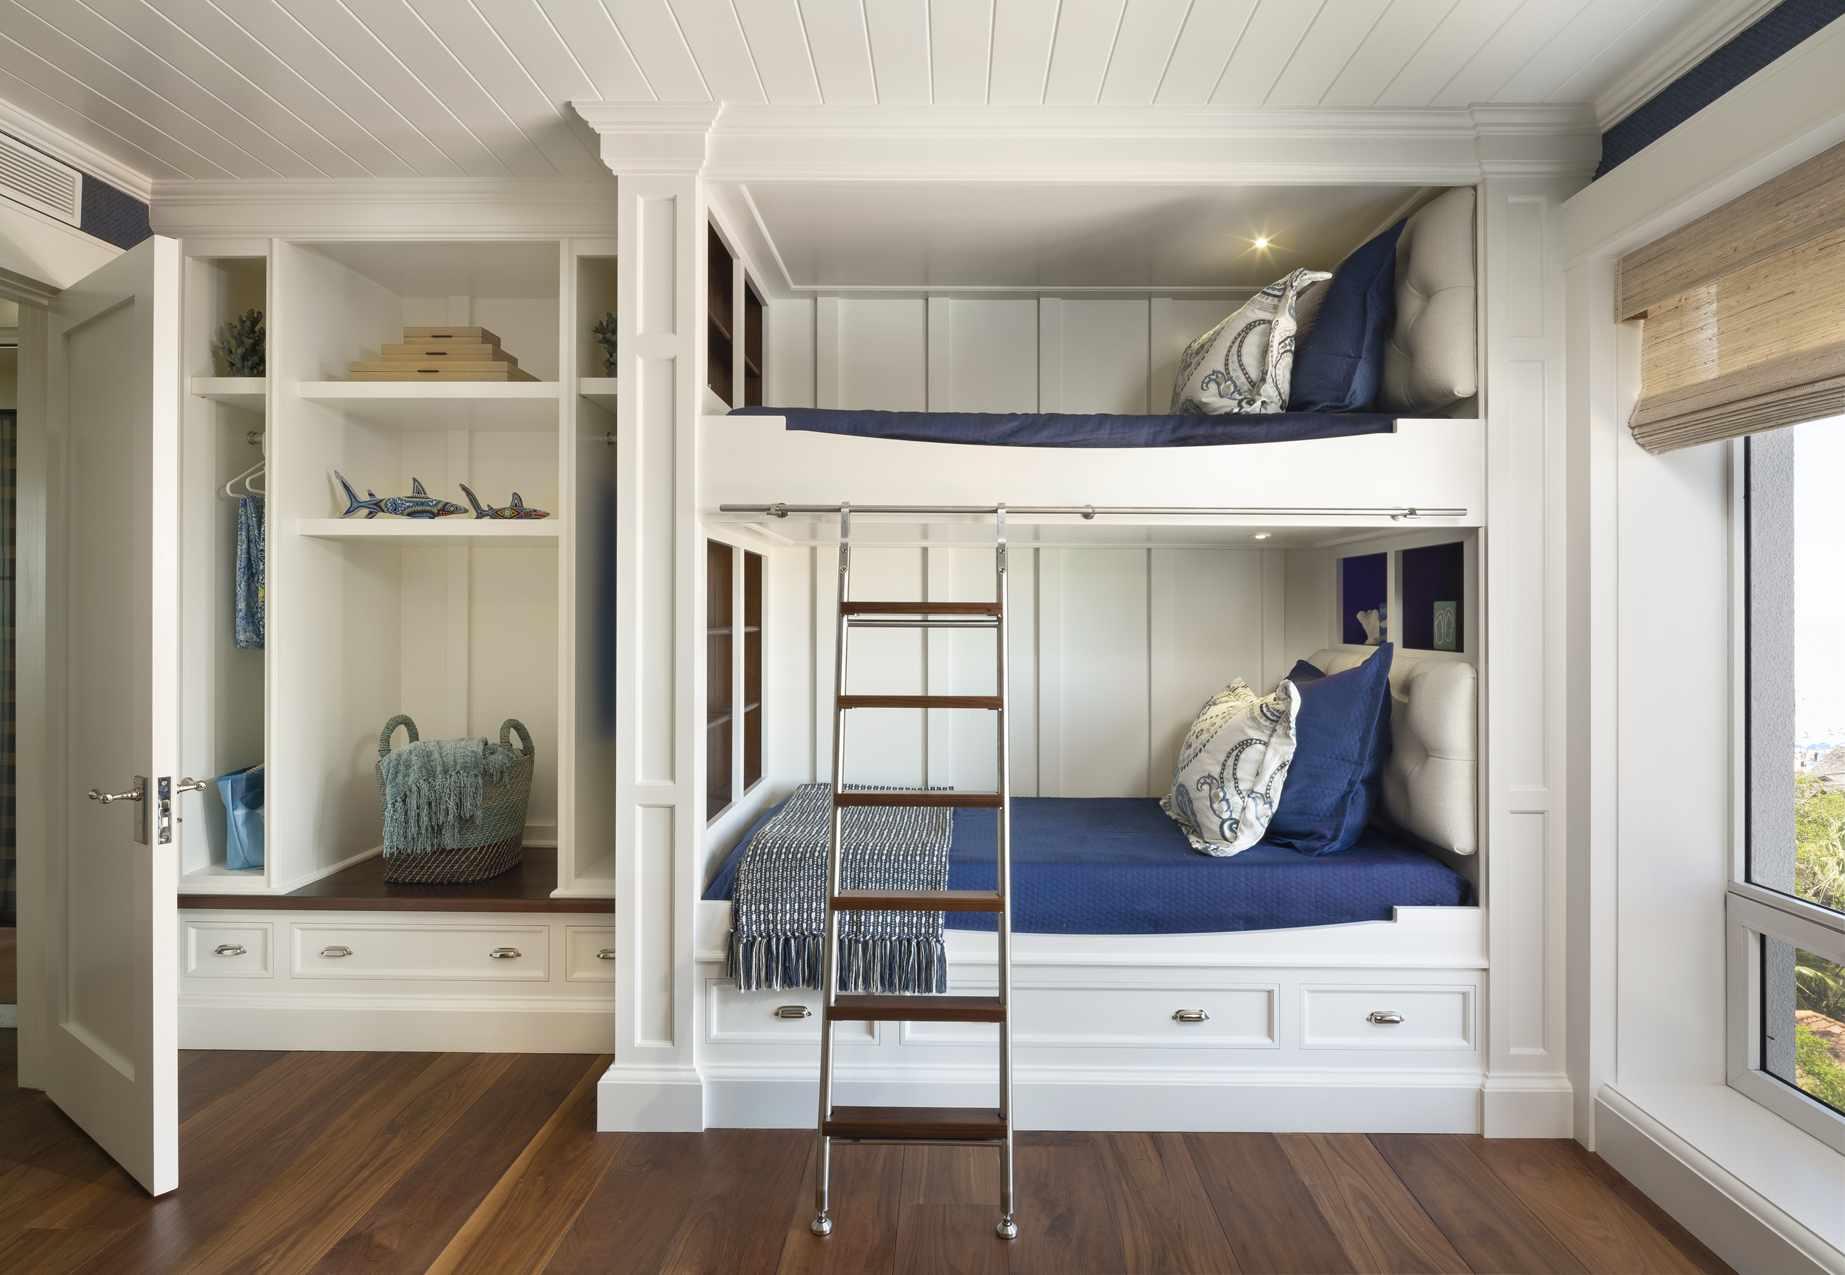 Soluciones de almacenamiento debajo de la cama